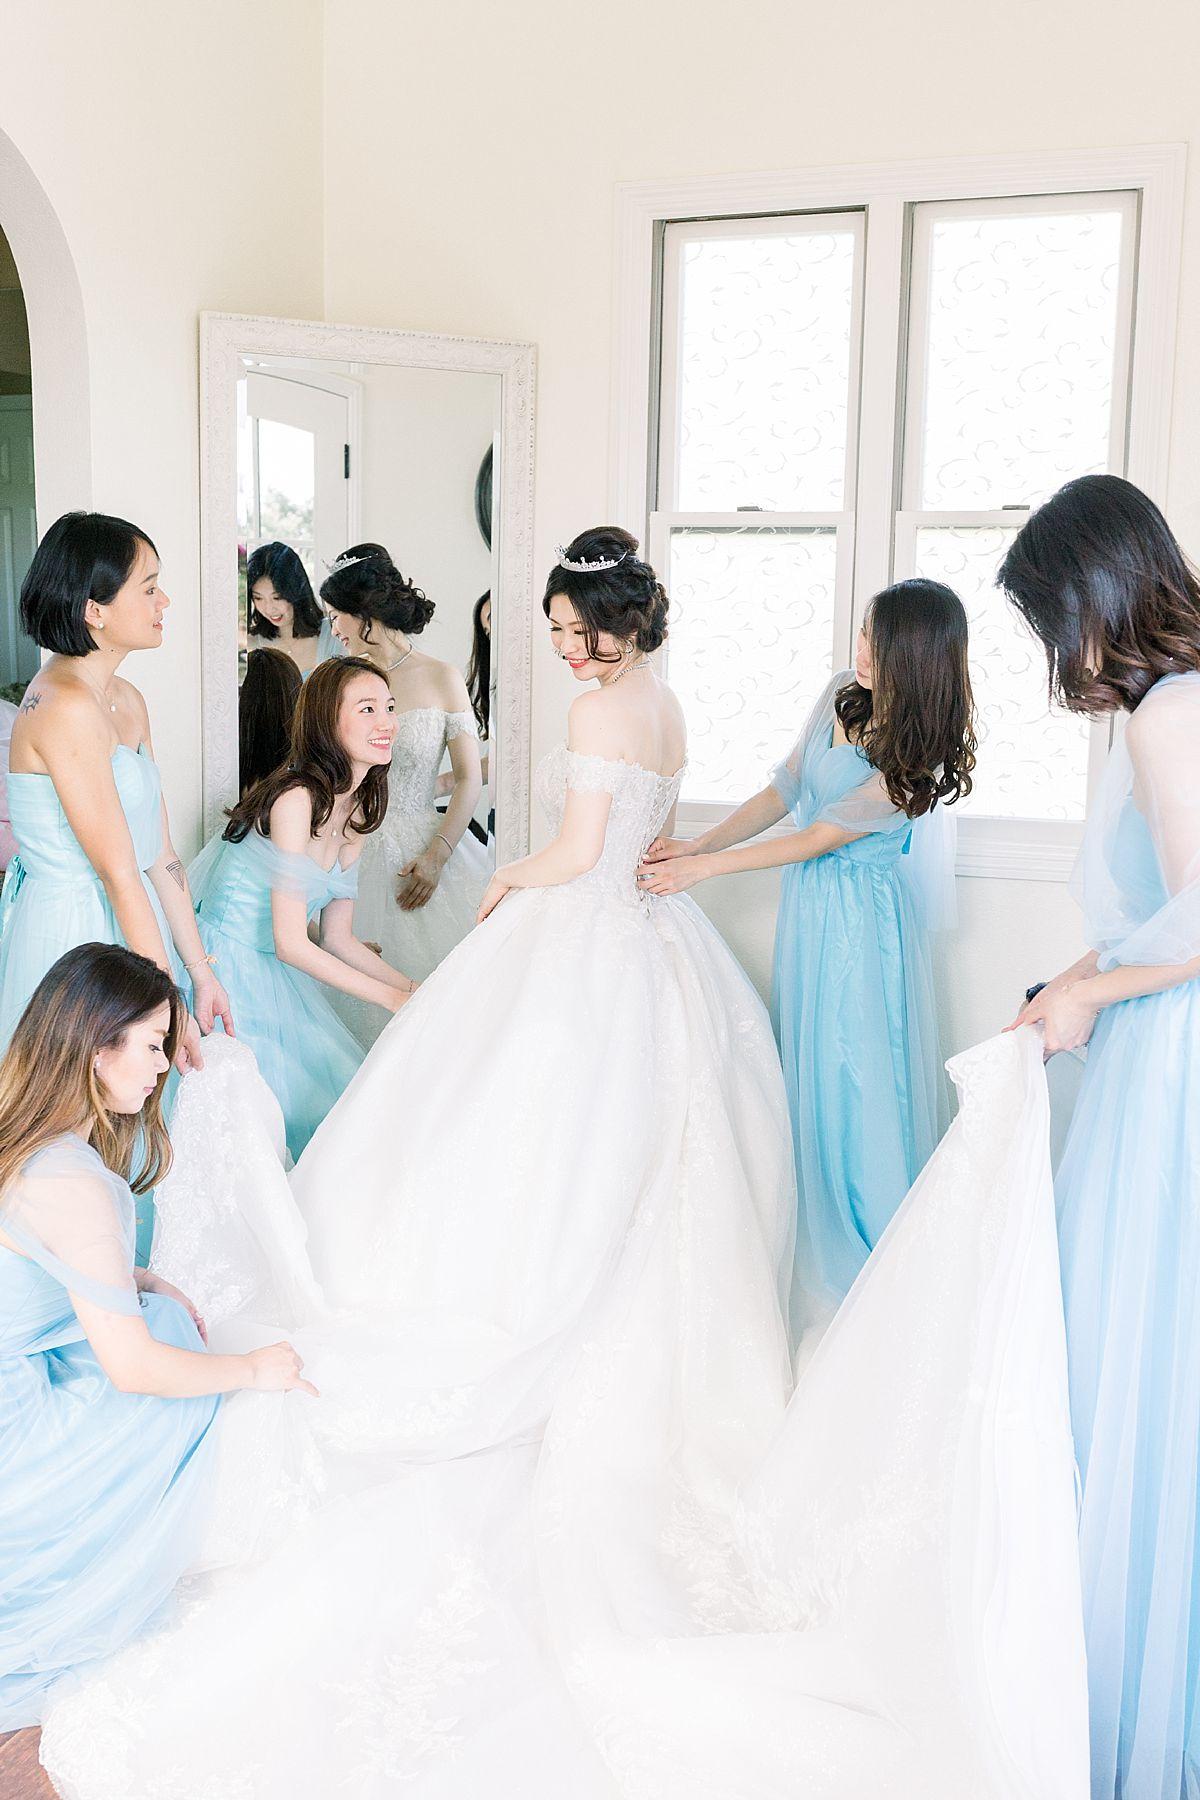 Newberry Estate Vineyards Wedding - Ashley Baumgartner - Jasmine and Johhny - Bay Area Wedding Photographer - Sacramento Wedding Photographer_0010.jpg